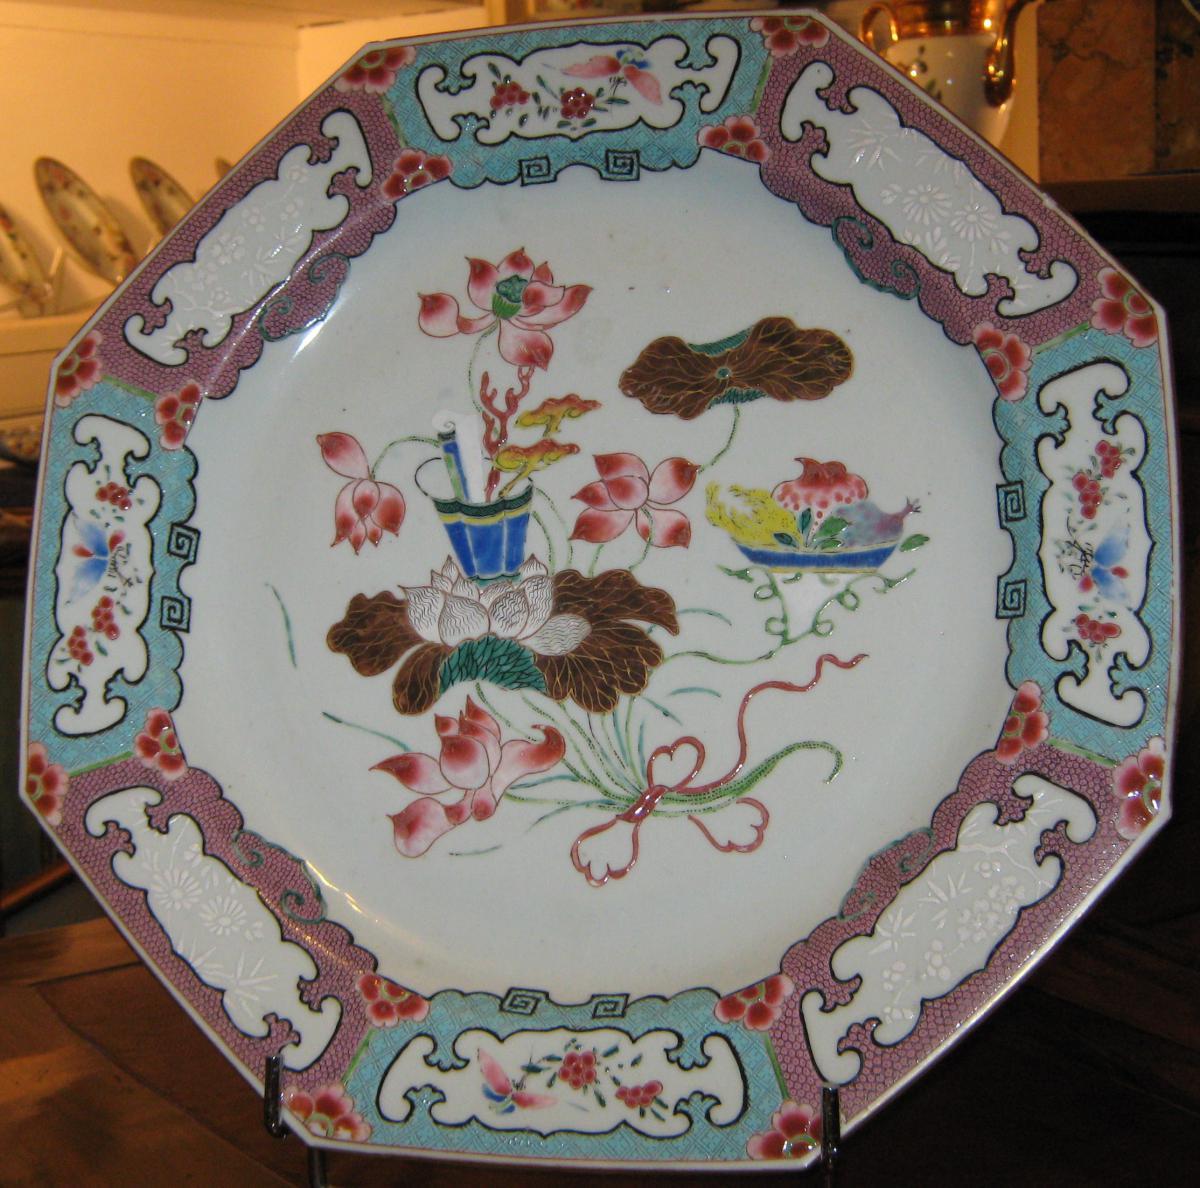 Plat à Pans Coupés En Porcelaine De Chine De La Famille Rose, époque XVIIIeme Siècle.